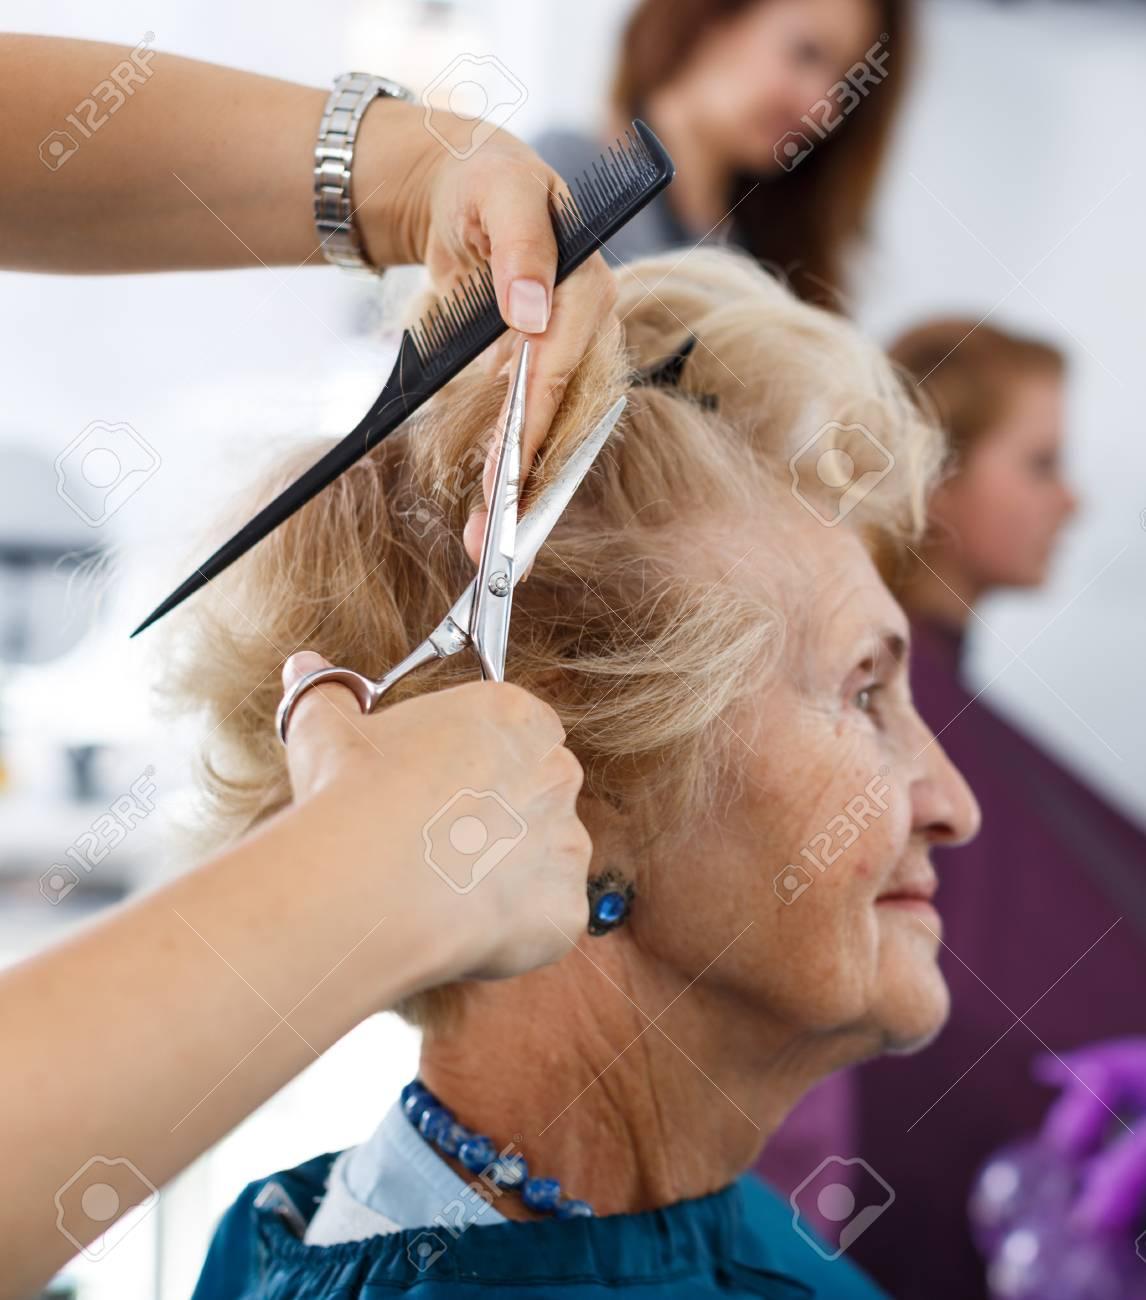 Getting A Haircut 34